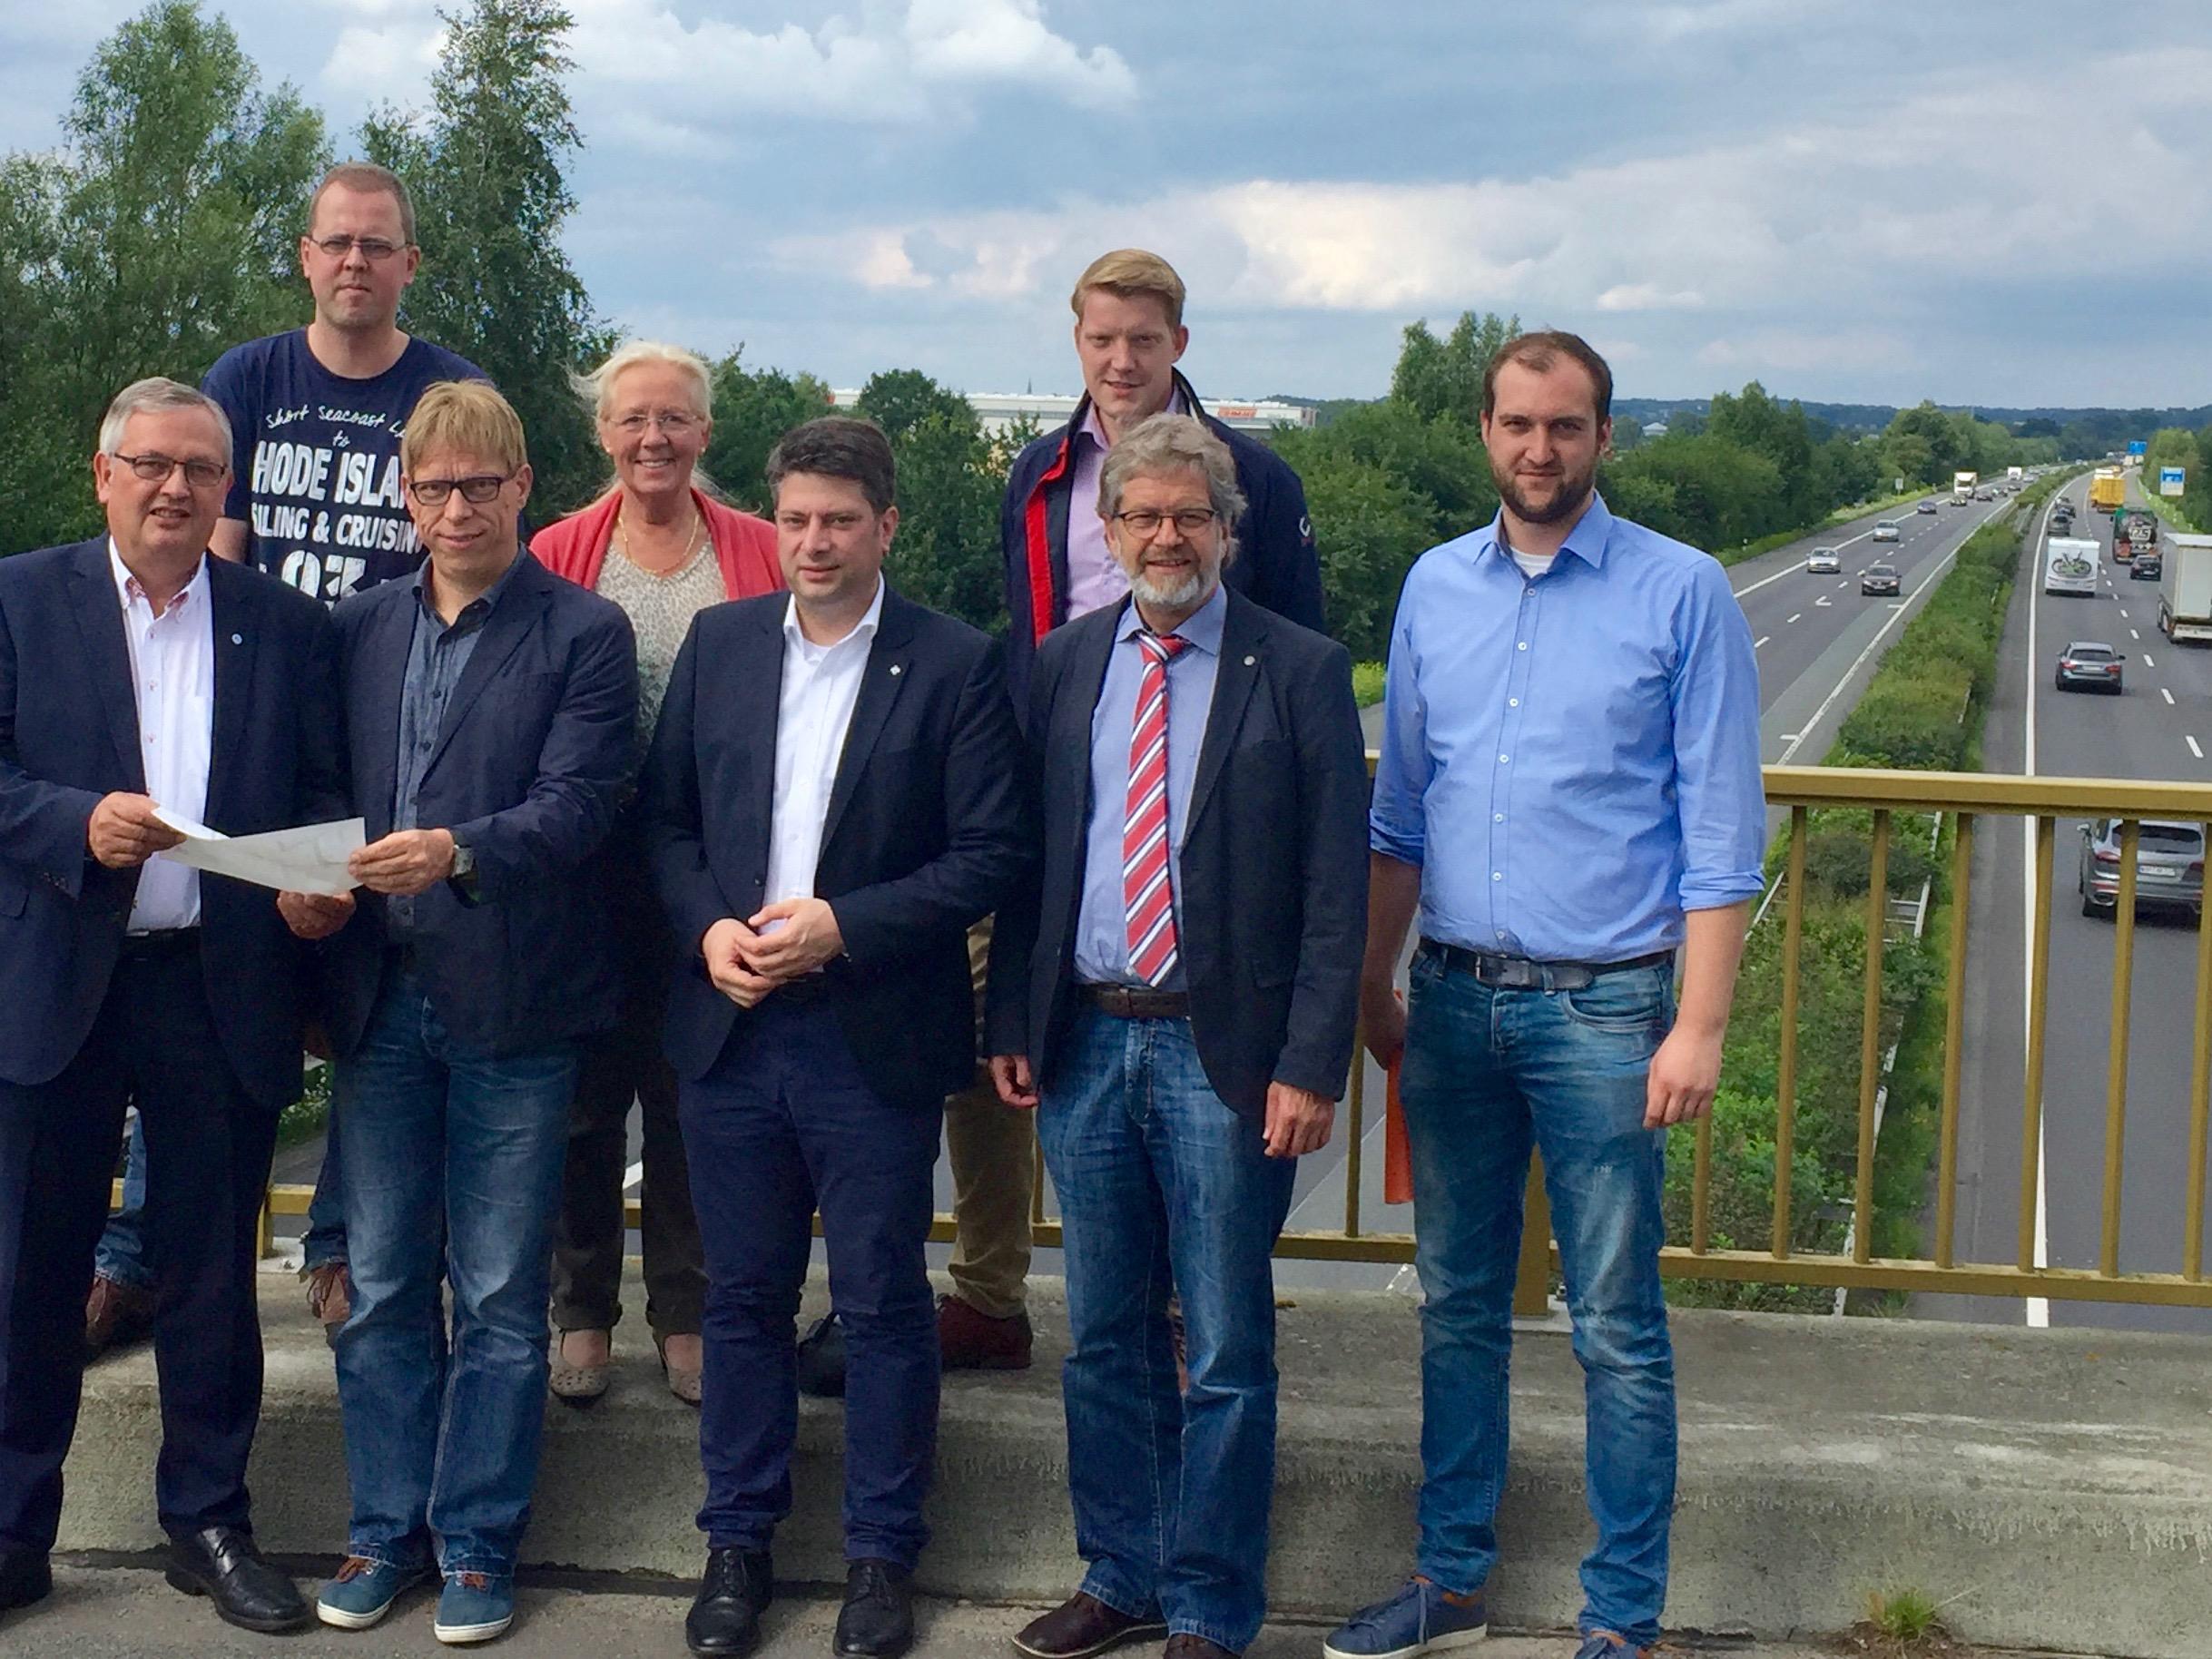 Vor-Ort-Termin am Ort der neuen Aus- und Auffahrt südlich von Rieste und Vörden auf die BAB 1: Mitglieder der CDU-Landtagsfraktion mit Vertretern aus der Gemeinde Rieste.